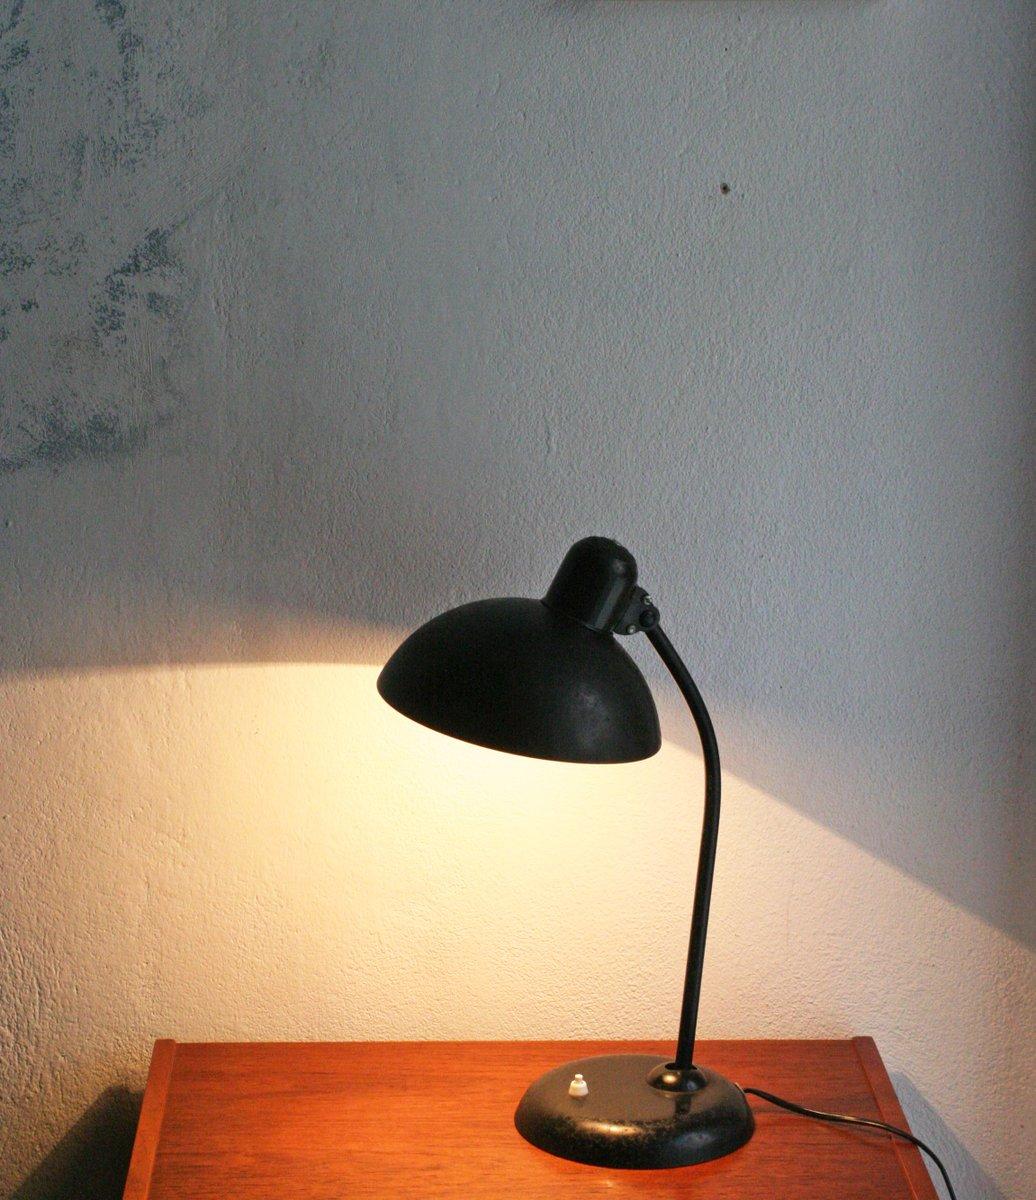 lampe de bureau 6556 kaiser idell vintage par christian dell pour kaiser leuchten en vente sur. Black Bedroom Furniture Sets. Home Design Ideas